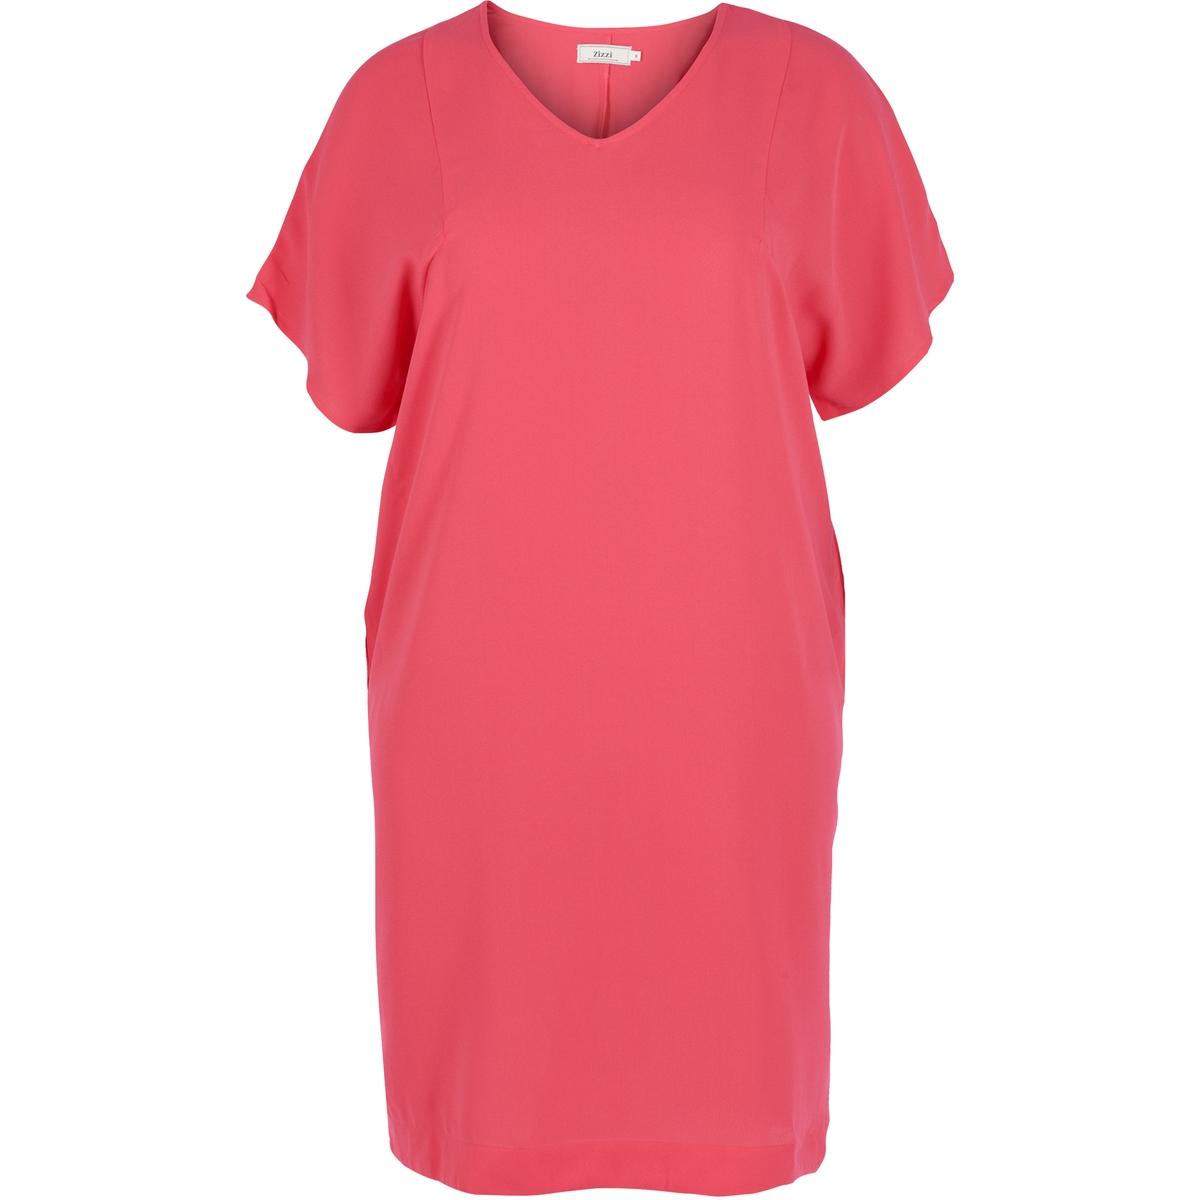 ПлатьеУдобное и мягкое платье . Небольшие шлицы по бокам и потайные карманы . Красивые короткие рукава и V-образный вырез . Длина немного выше колена .<br><br>Цвет: красный<br>Размер: 46/48 (FR) - 52/54 (RUS)